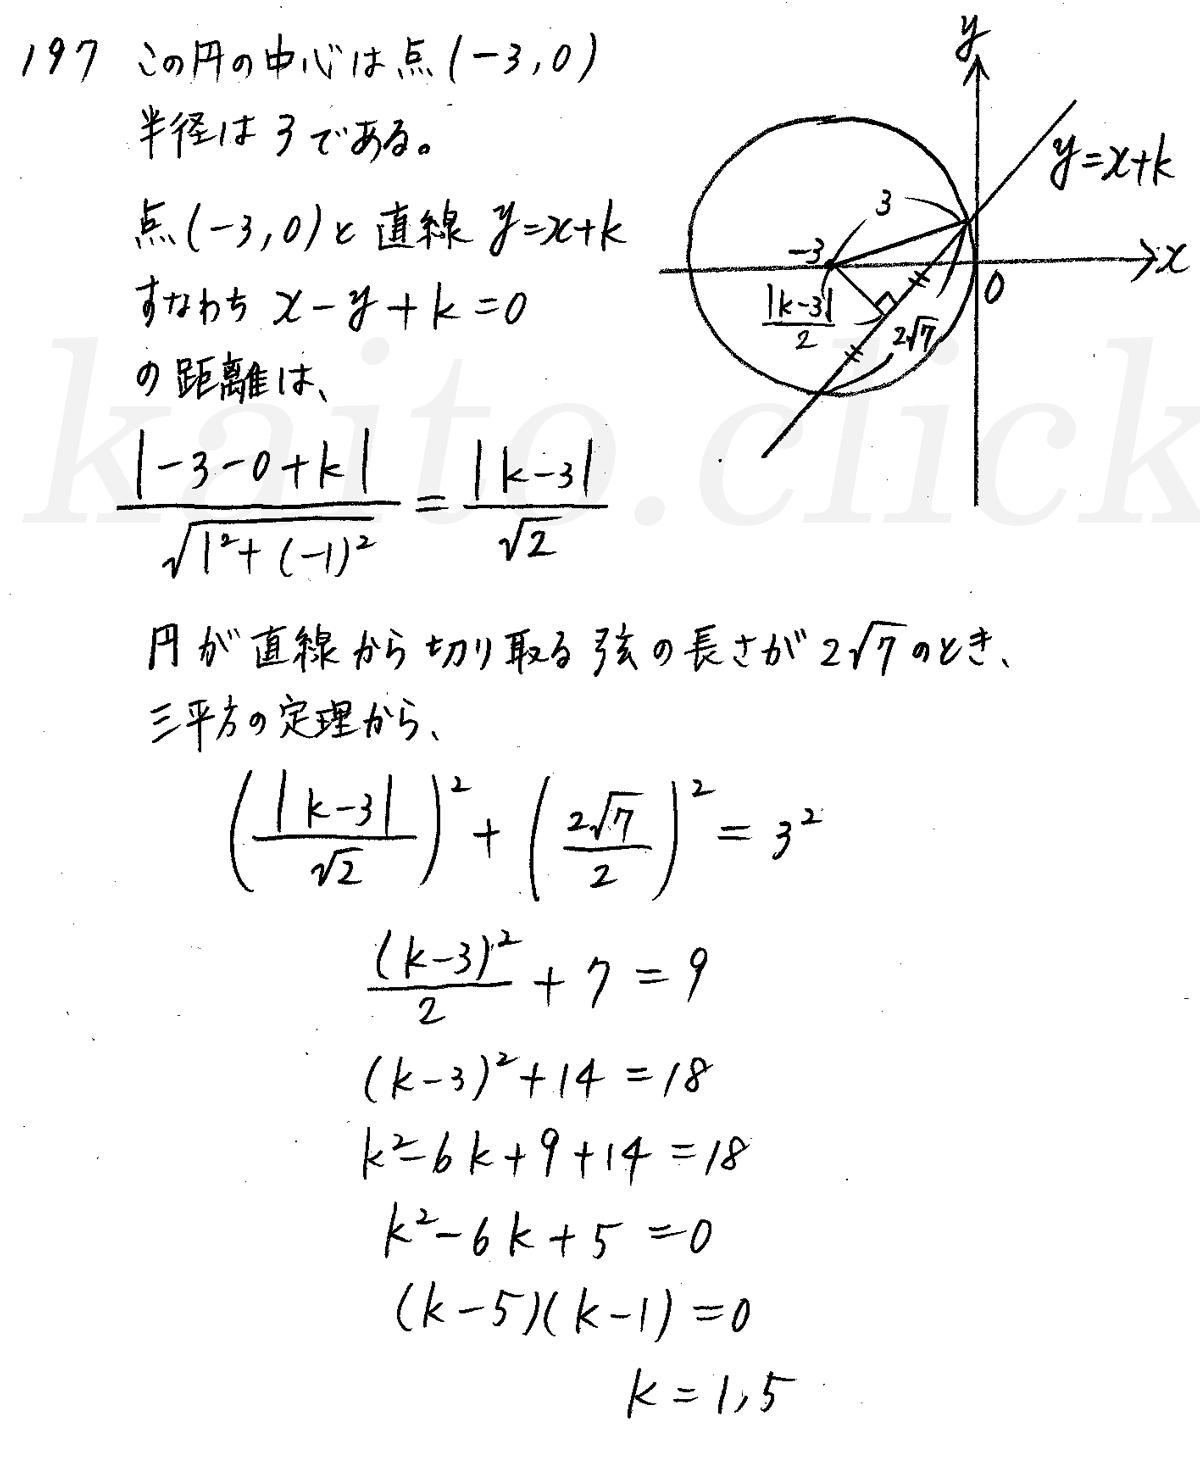 クリアー数学2-197解答